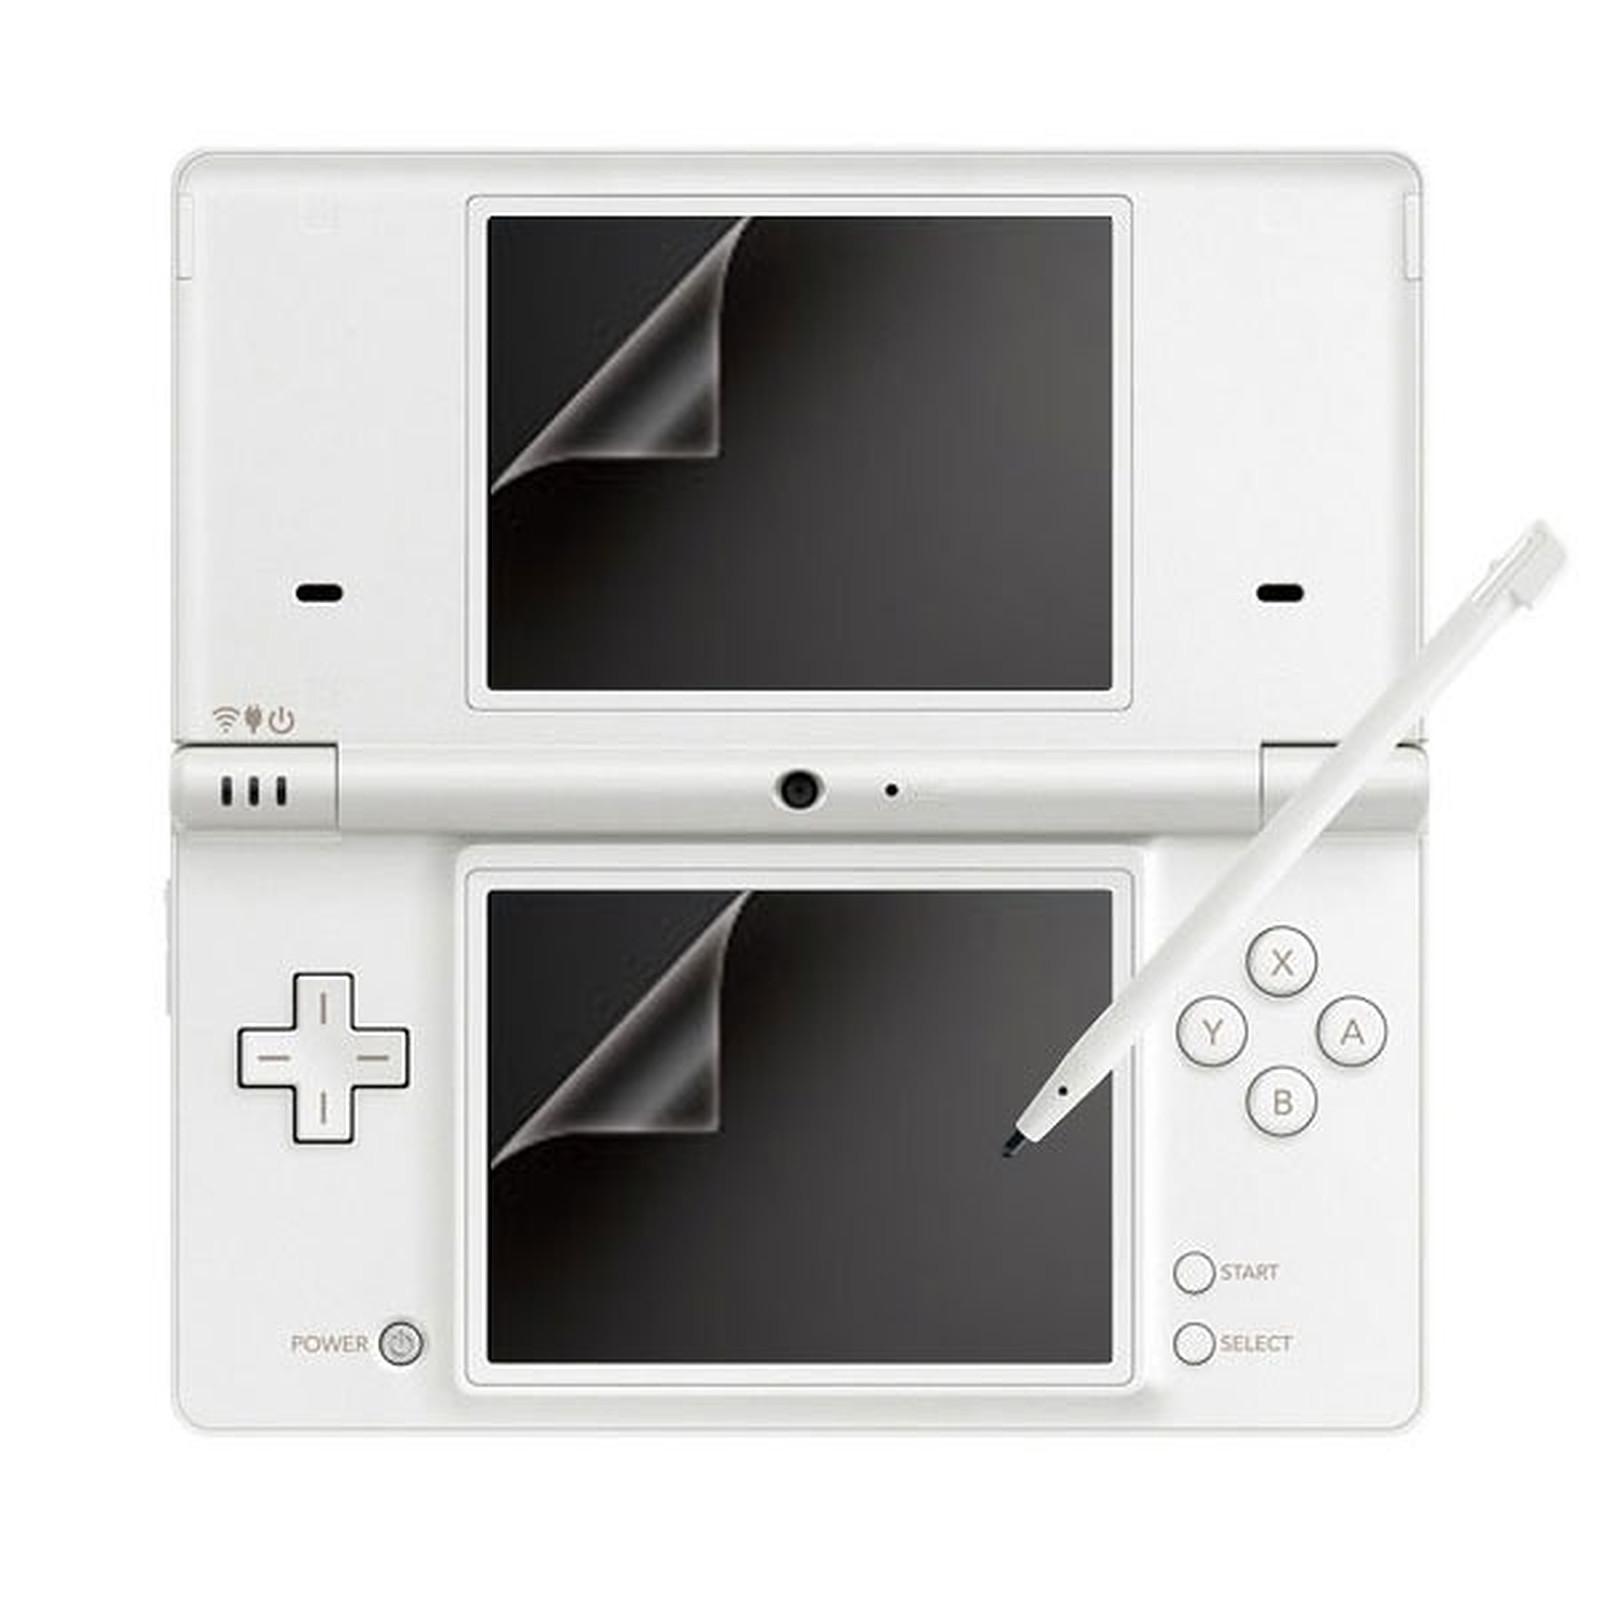 Hori Filtres de protection d'écran pour Nintendo DSi